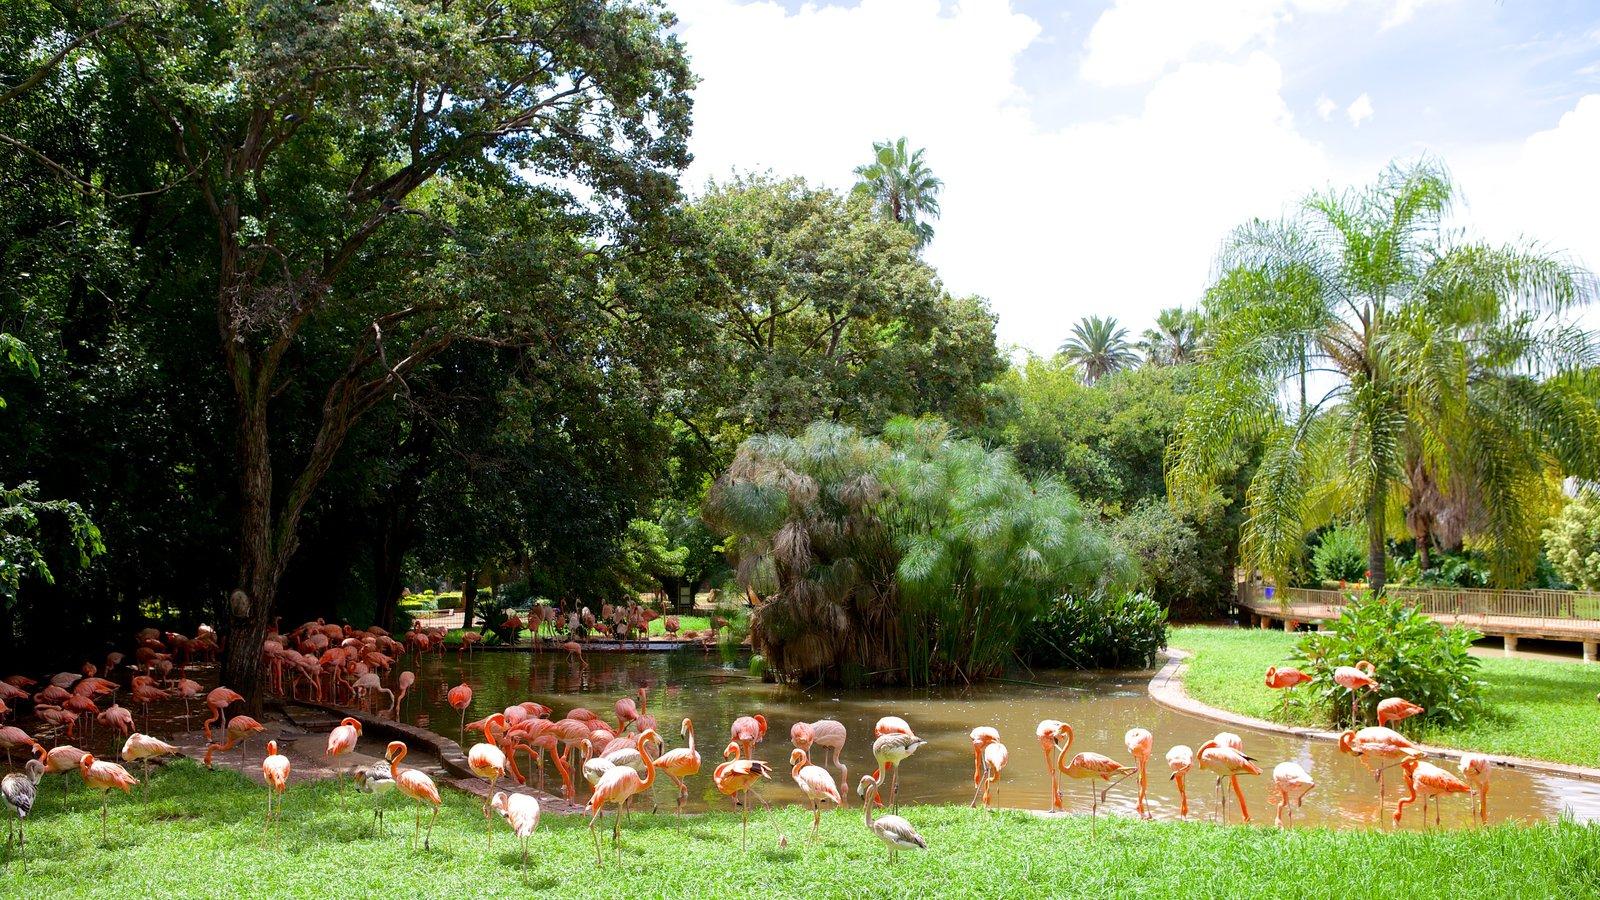 پارک بازی کراگا کاما